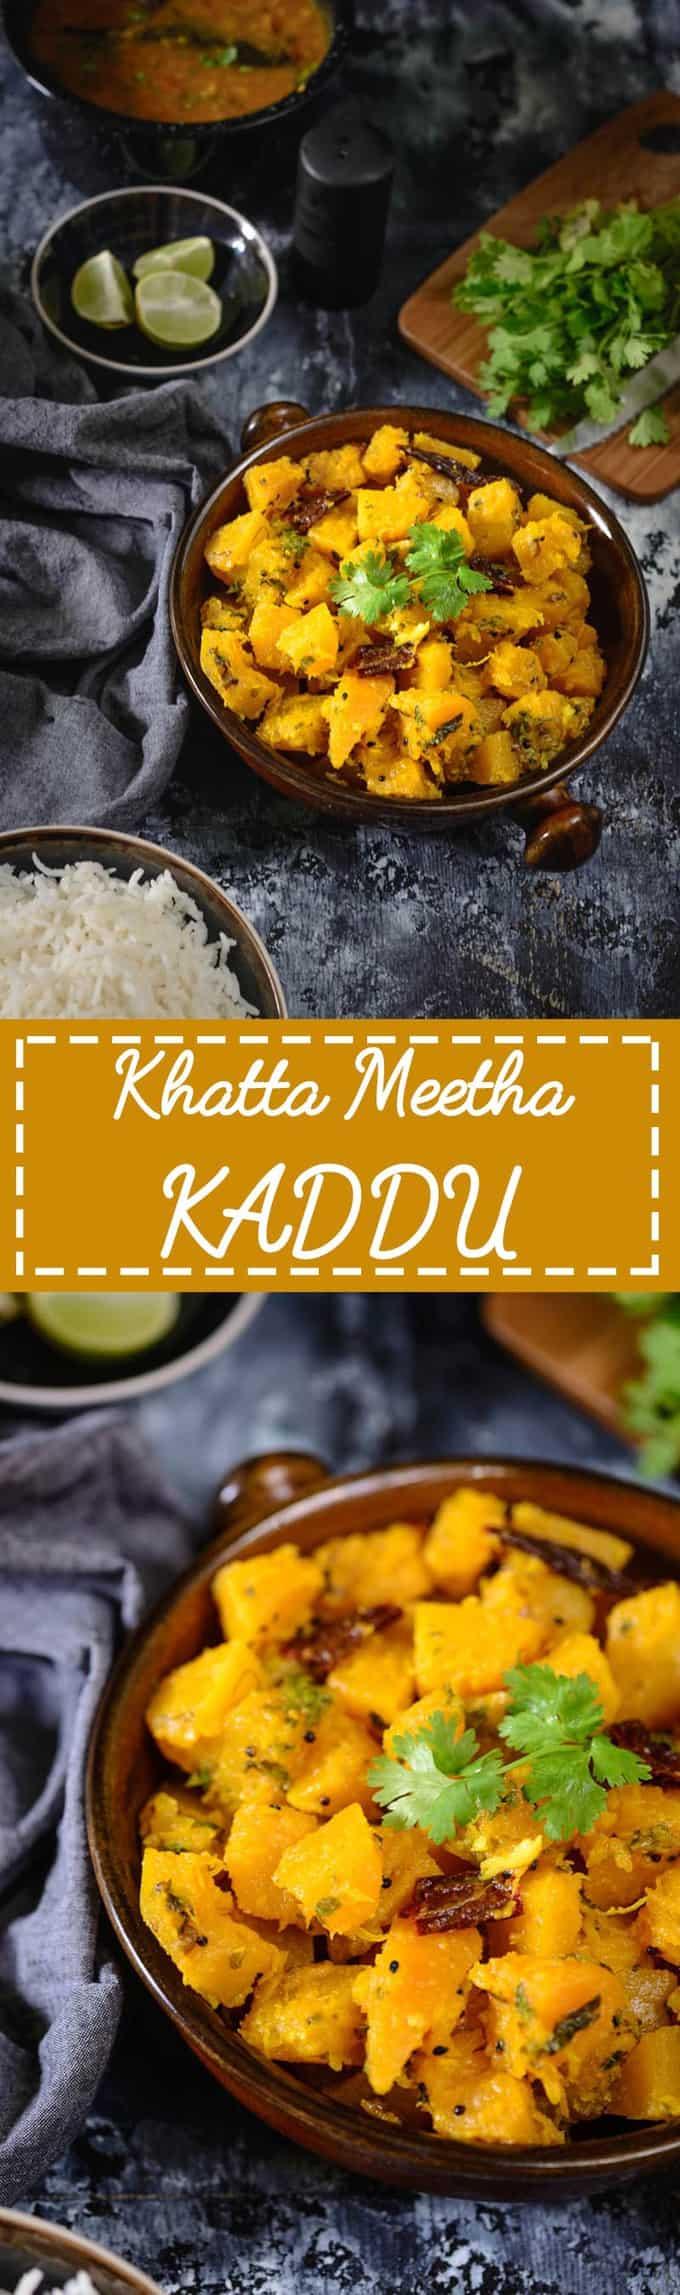 Khatta Meetha Kaddu